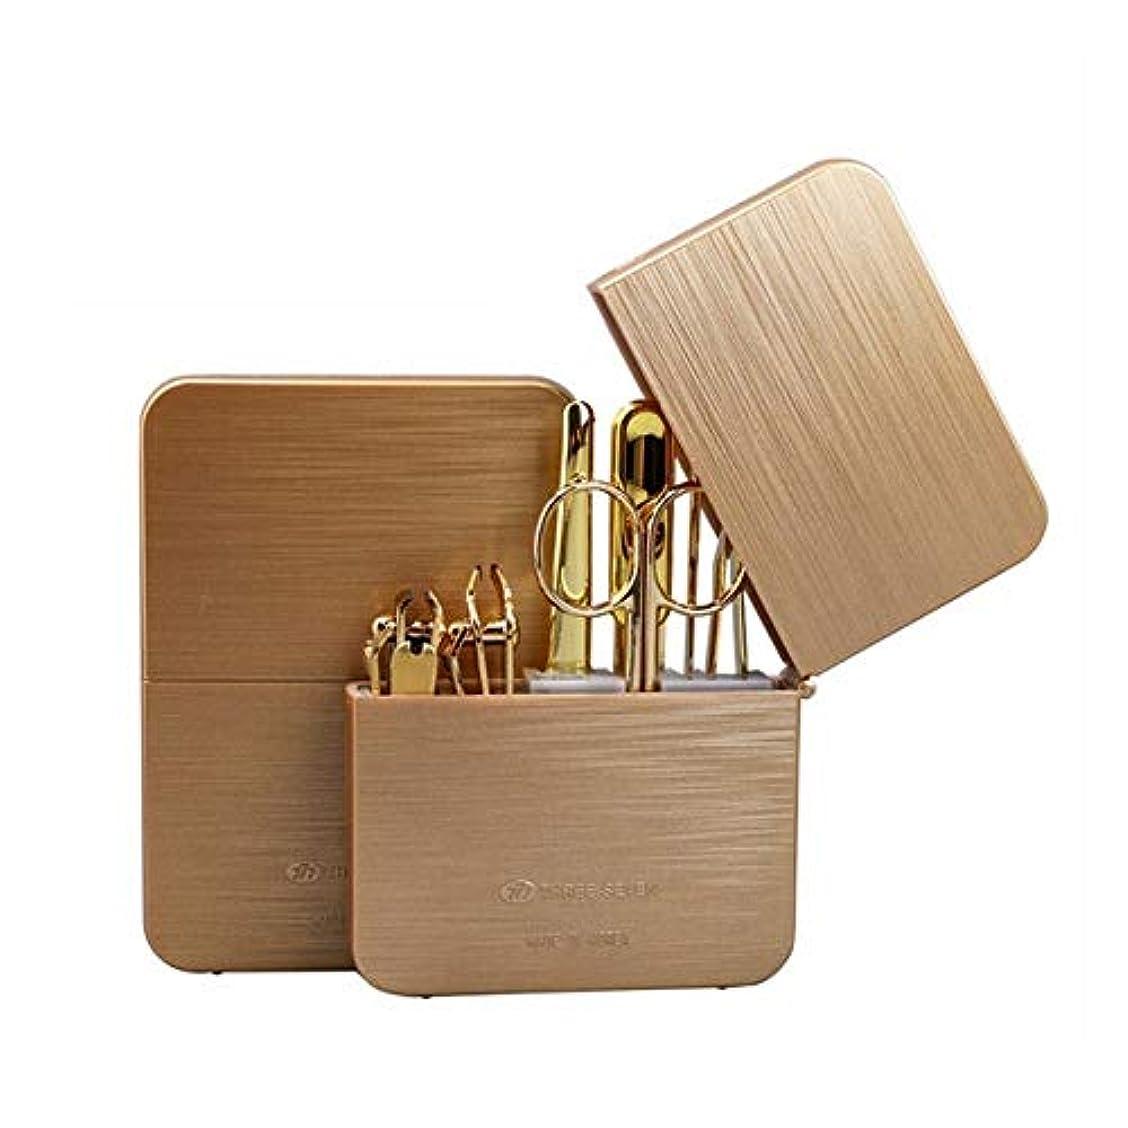 においペストオーブンTUOFL 7パーソナルケア修理ツール、マニキュアツール、炭素鋼、シャープで耐久性、完全に機能 (Color : Gold)